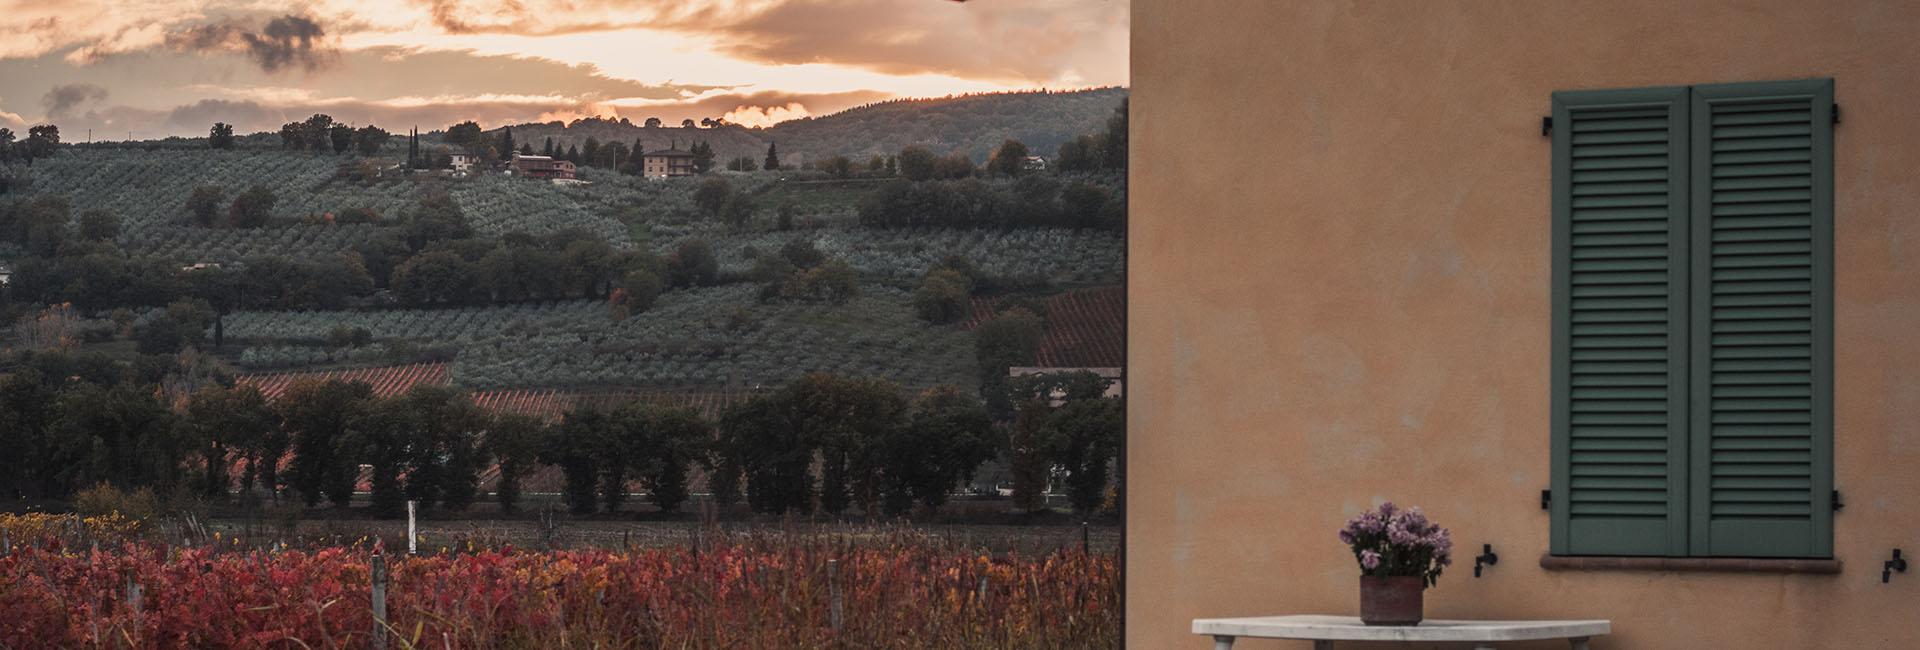 Agriturismo in Umbria - Panorama dall'agriturismo La Fonte di Bevagna